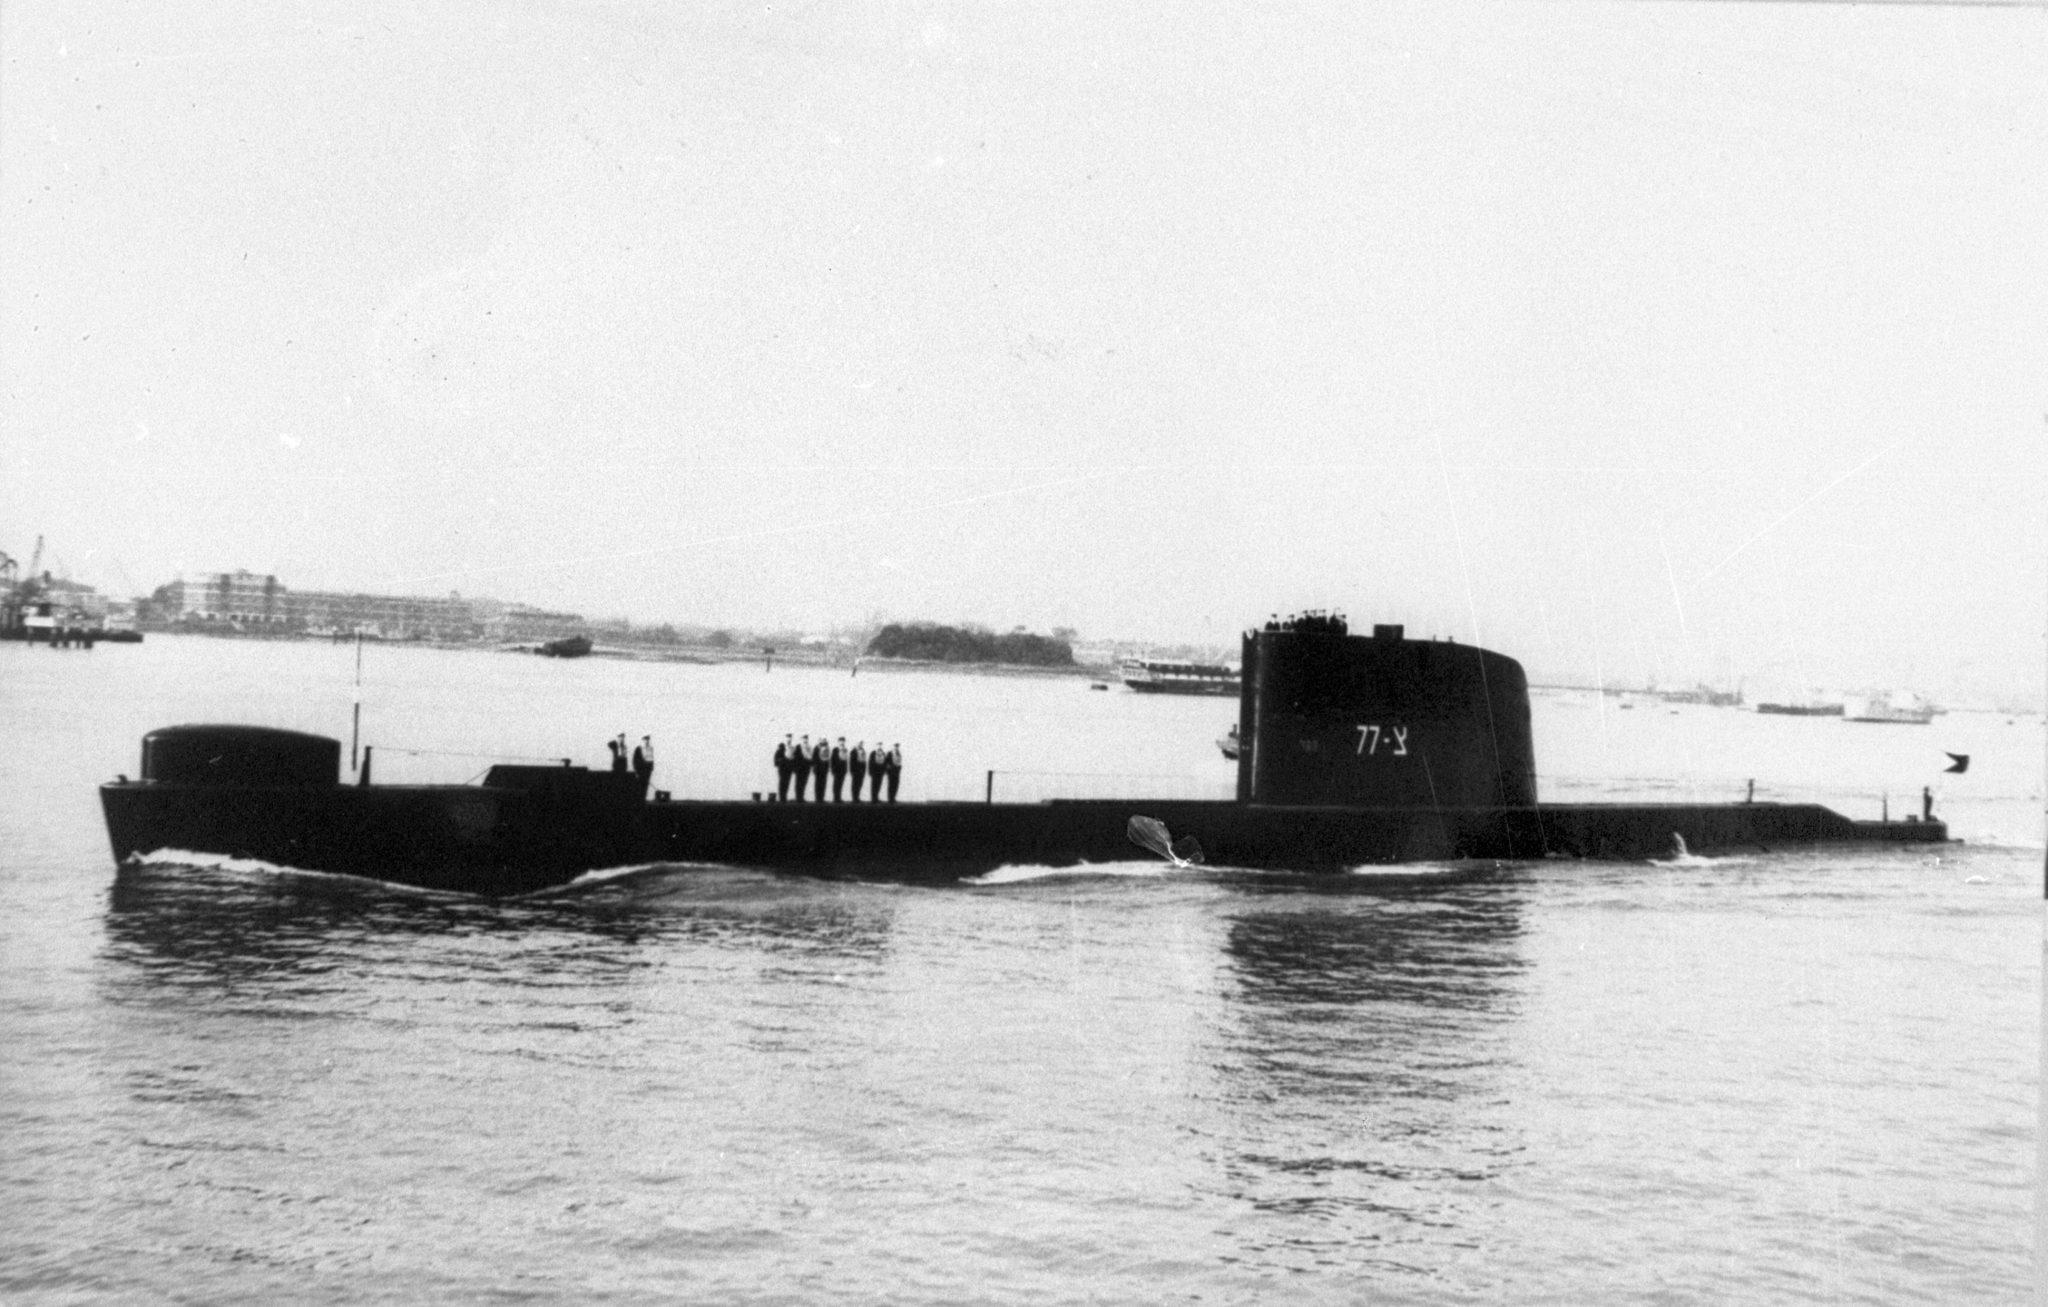 """50 שנה לטביעת הצוללת אח""""י דקר: צפו בתיעוד איתור הצוללת במעמקי הים"""